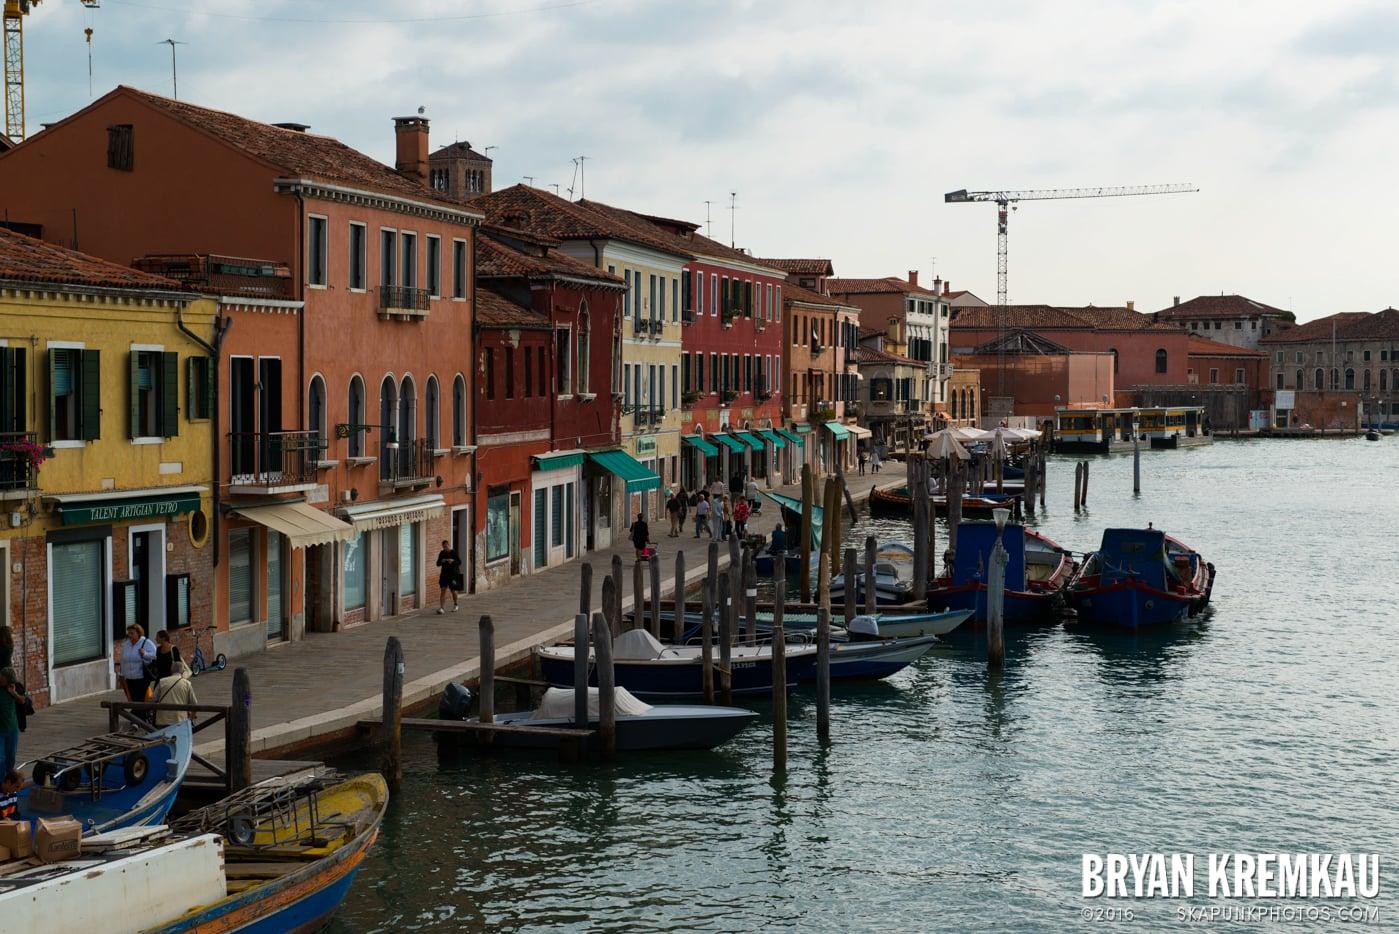 Italy Vacation - Day 6: Murano, Burano, Venice - 9.14.13 (92)